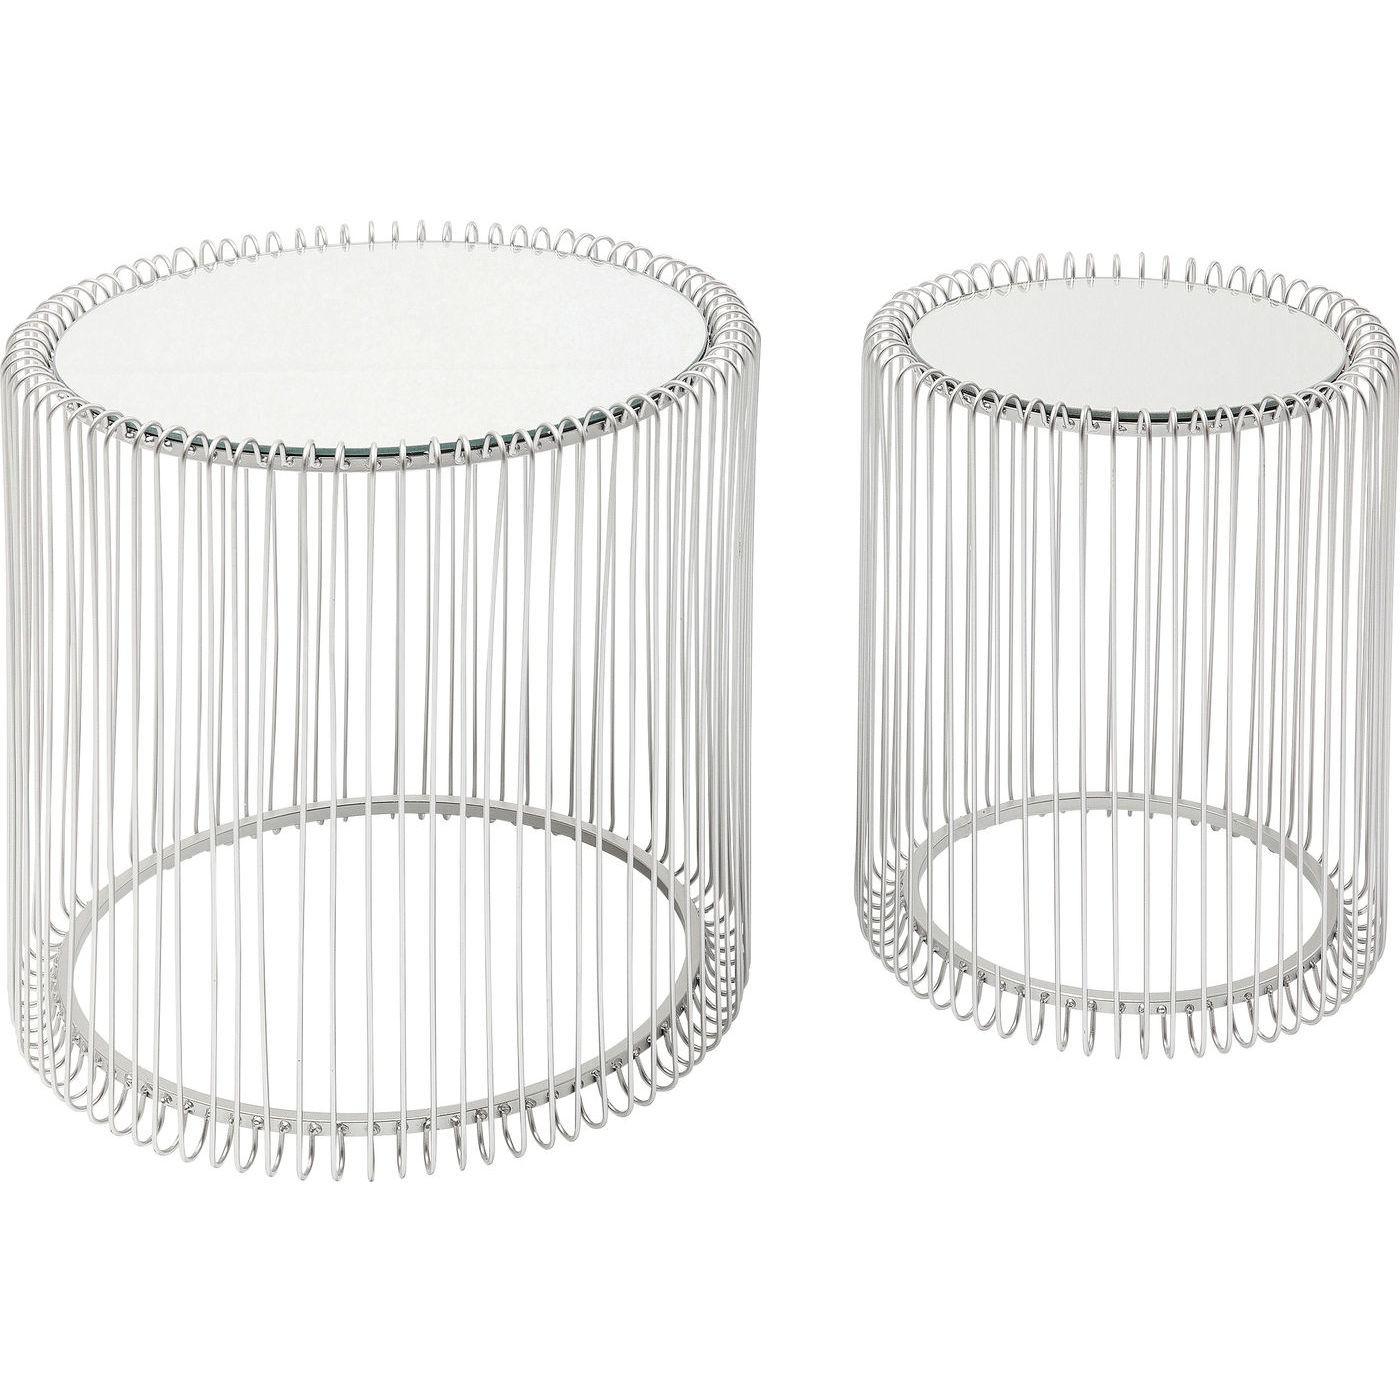 Tables d'appoint rondes Wire argentées set de 2 Kare Design